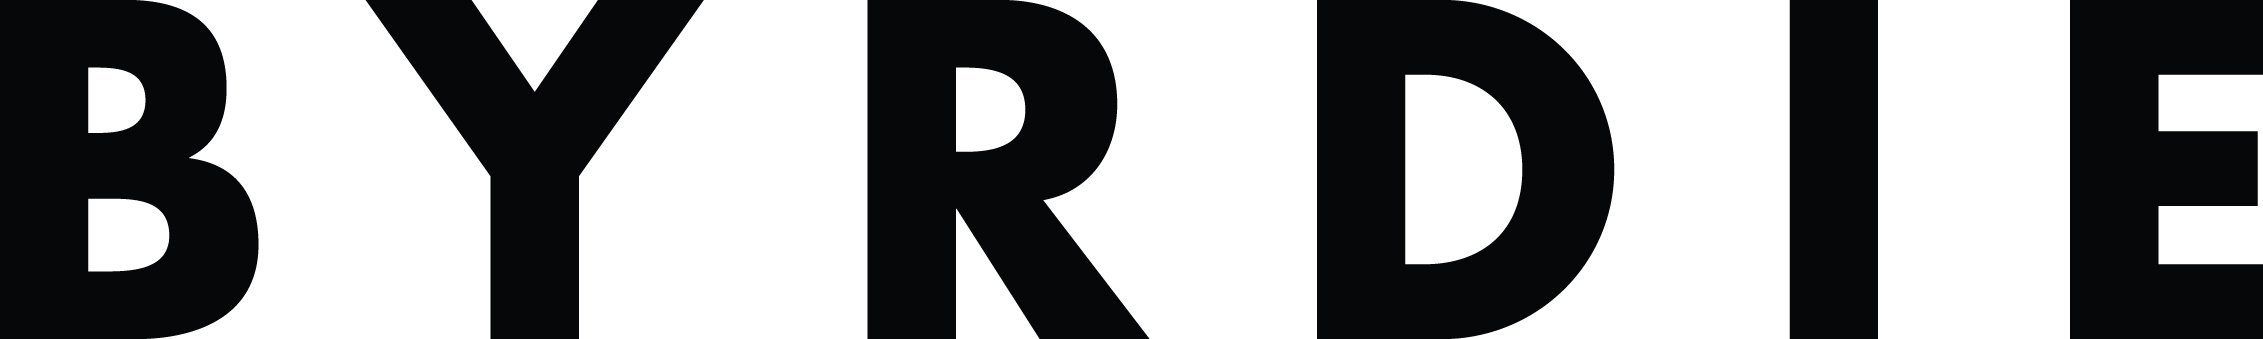 byrdie-logo-1.png